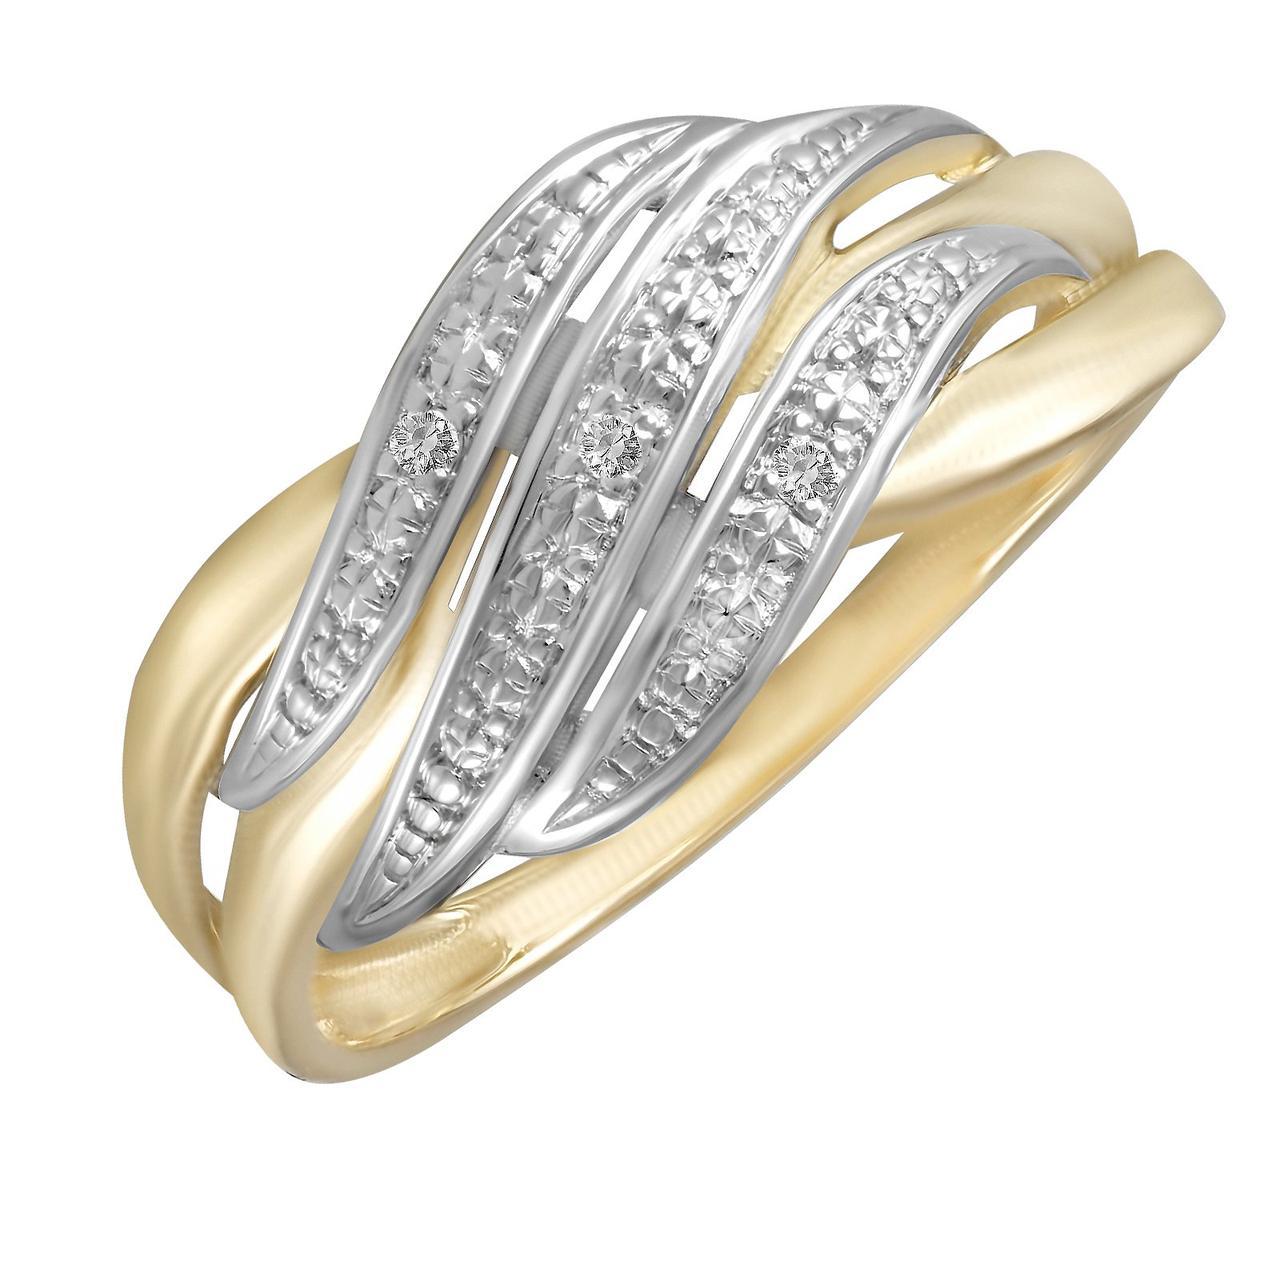 Золотое кольцо с бриллиантами, размер 16 (228893)